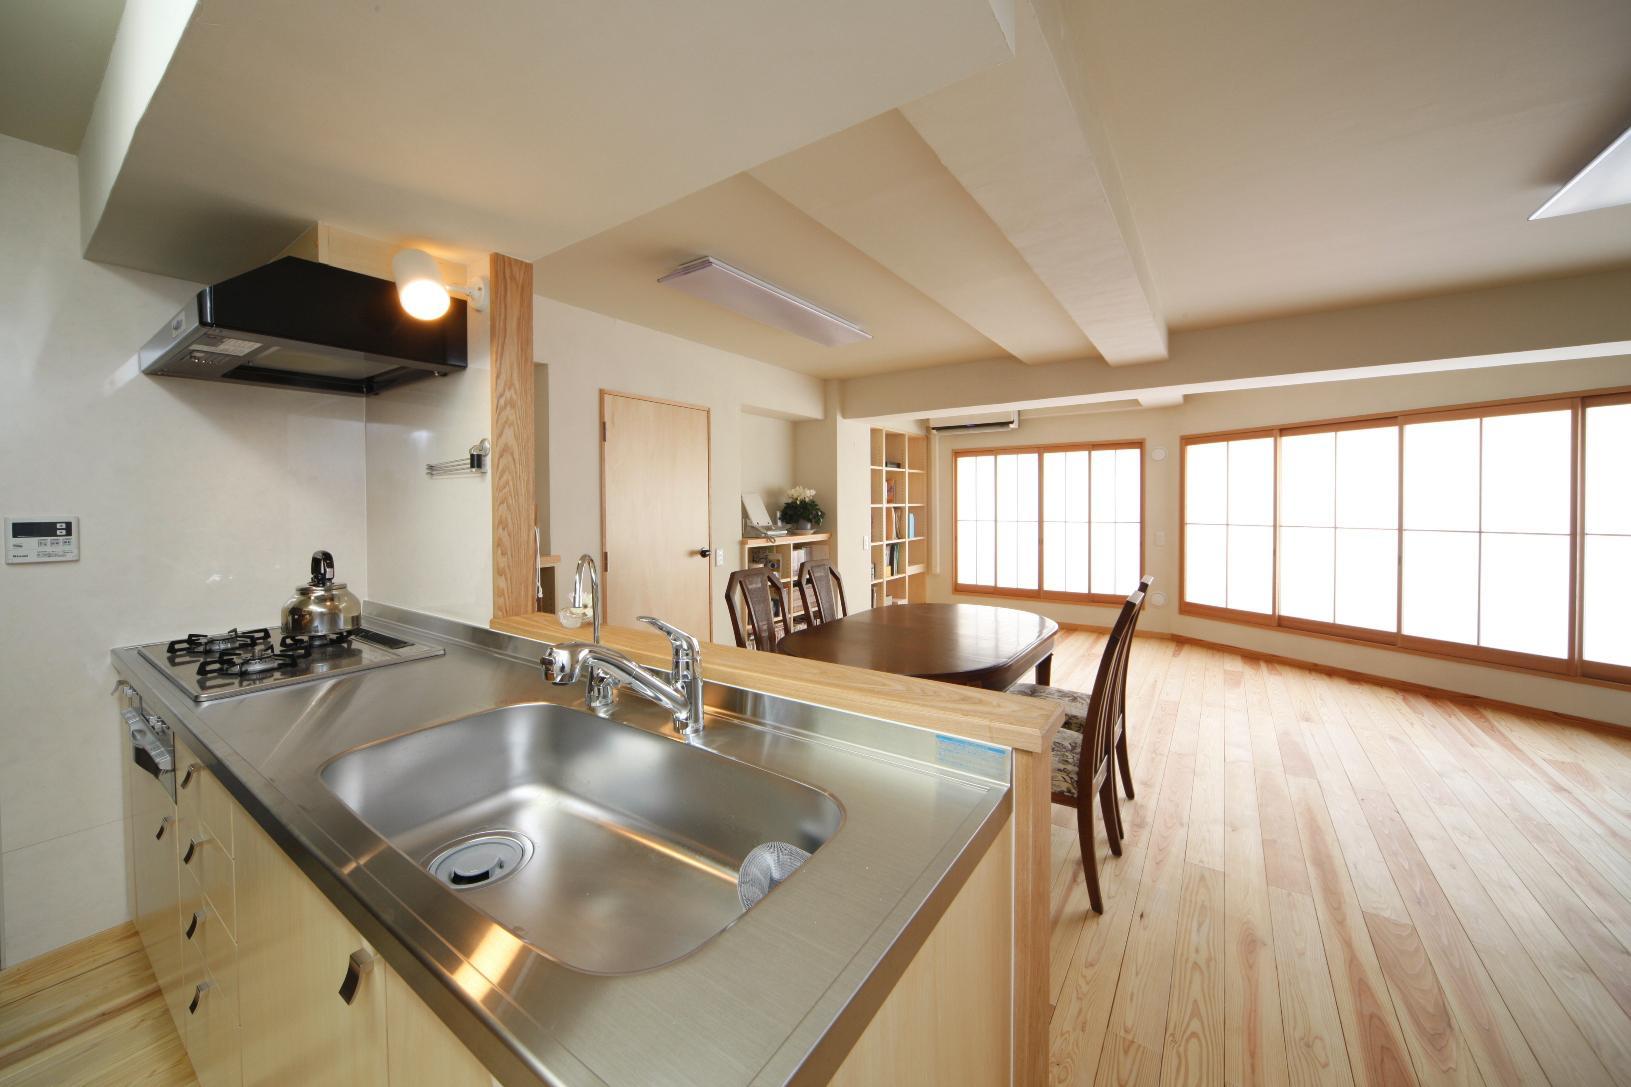 オーダーメイドで造作した木質感溢れるキッチン。